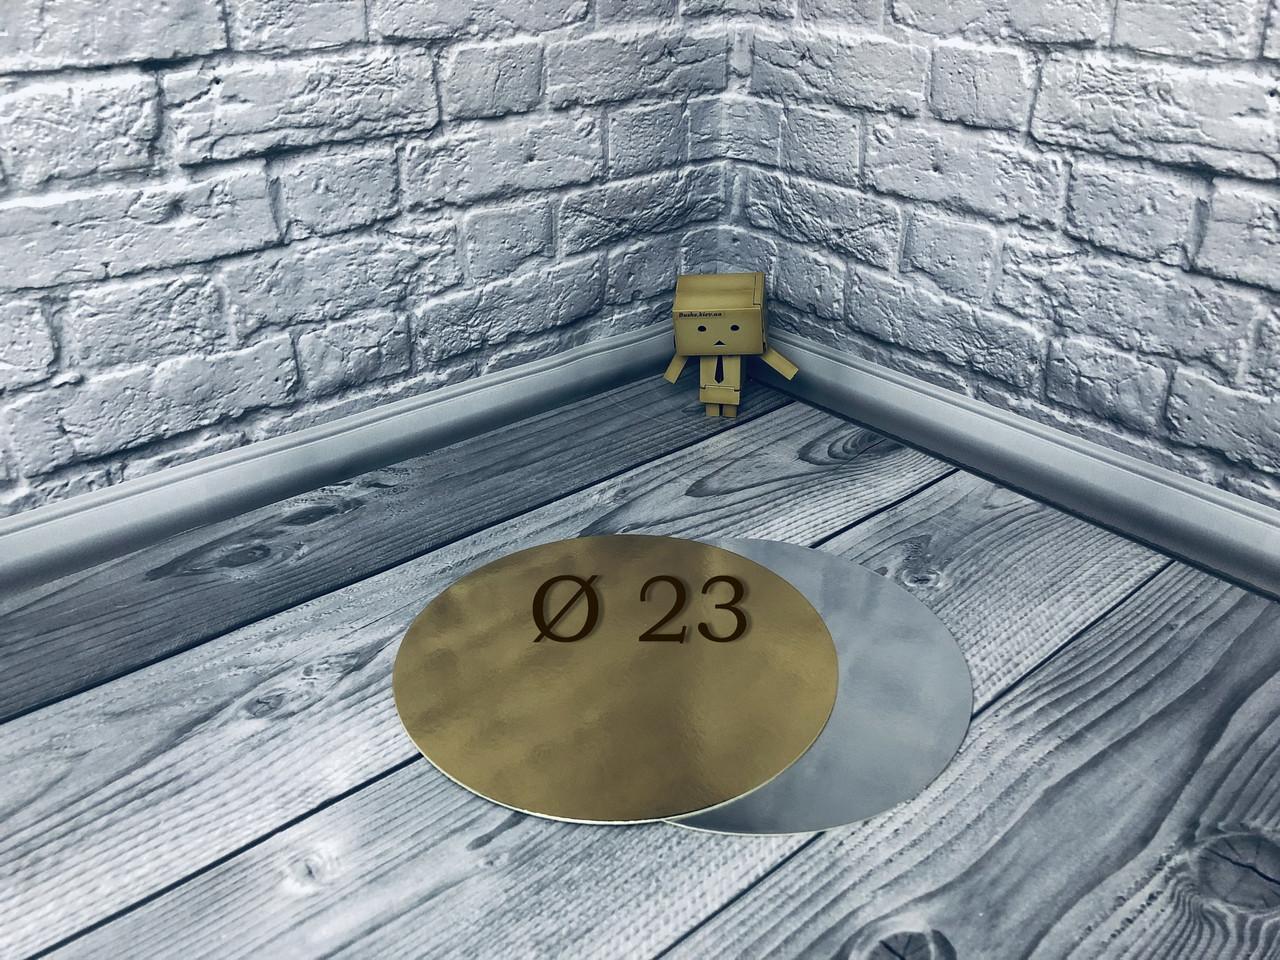 *10 шт* / Подложка под торт 23см, Золото-серебро, 230мм/мин. 10 шт.